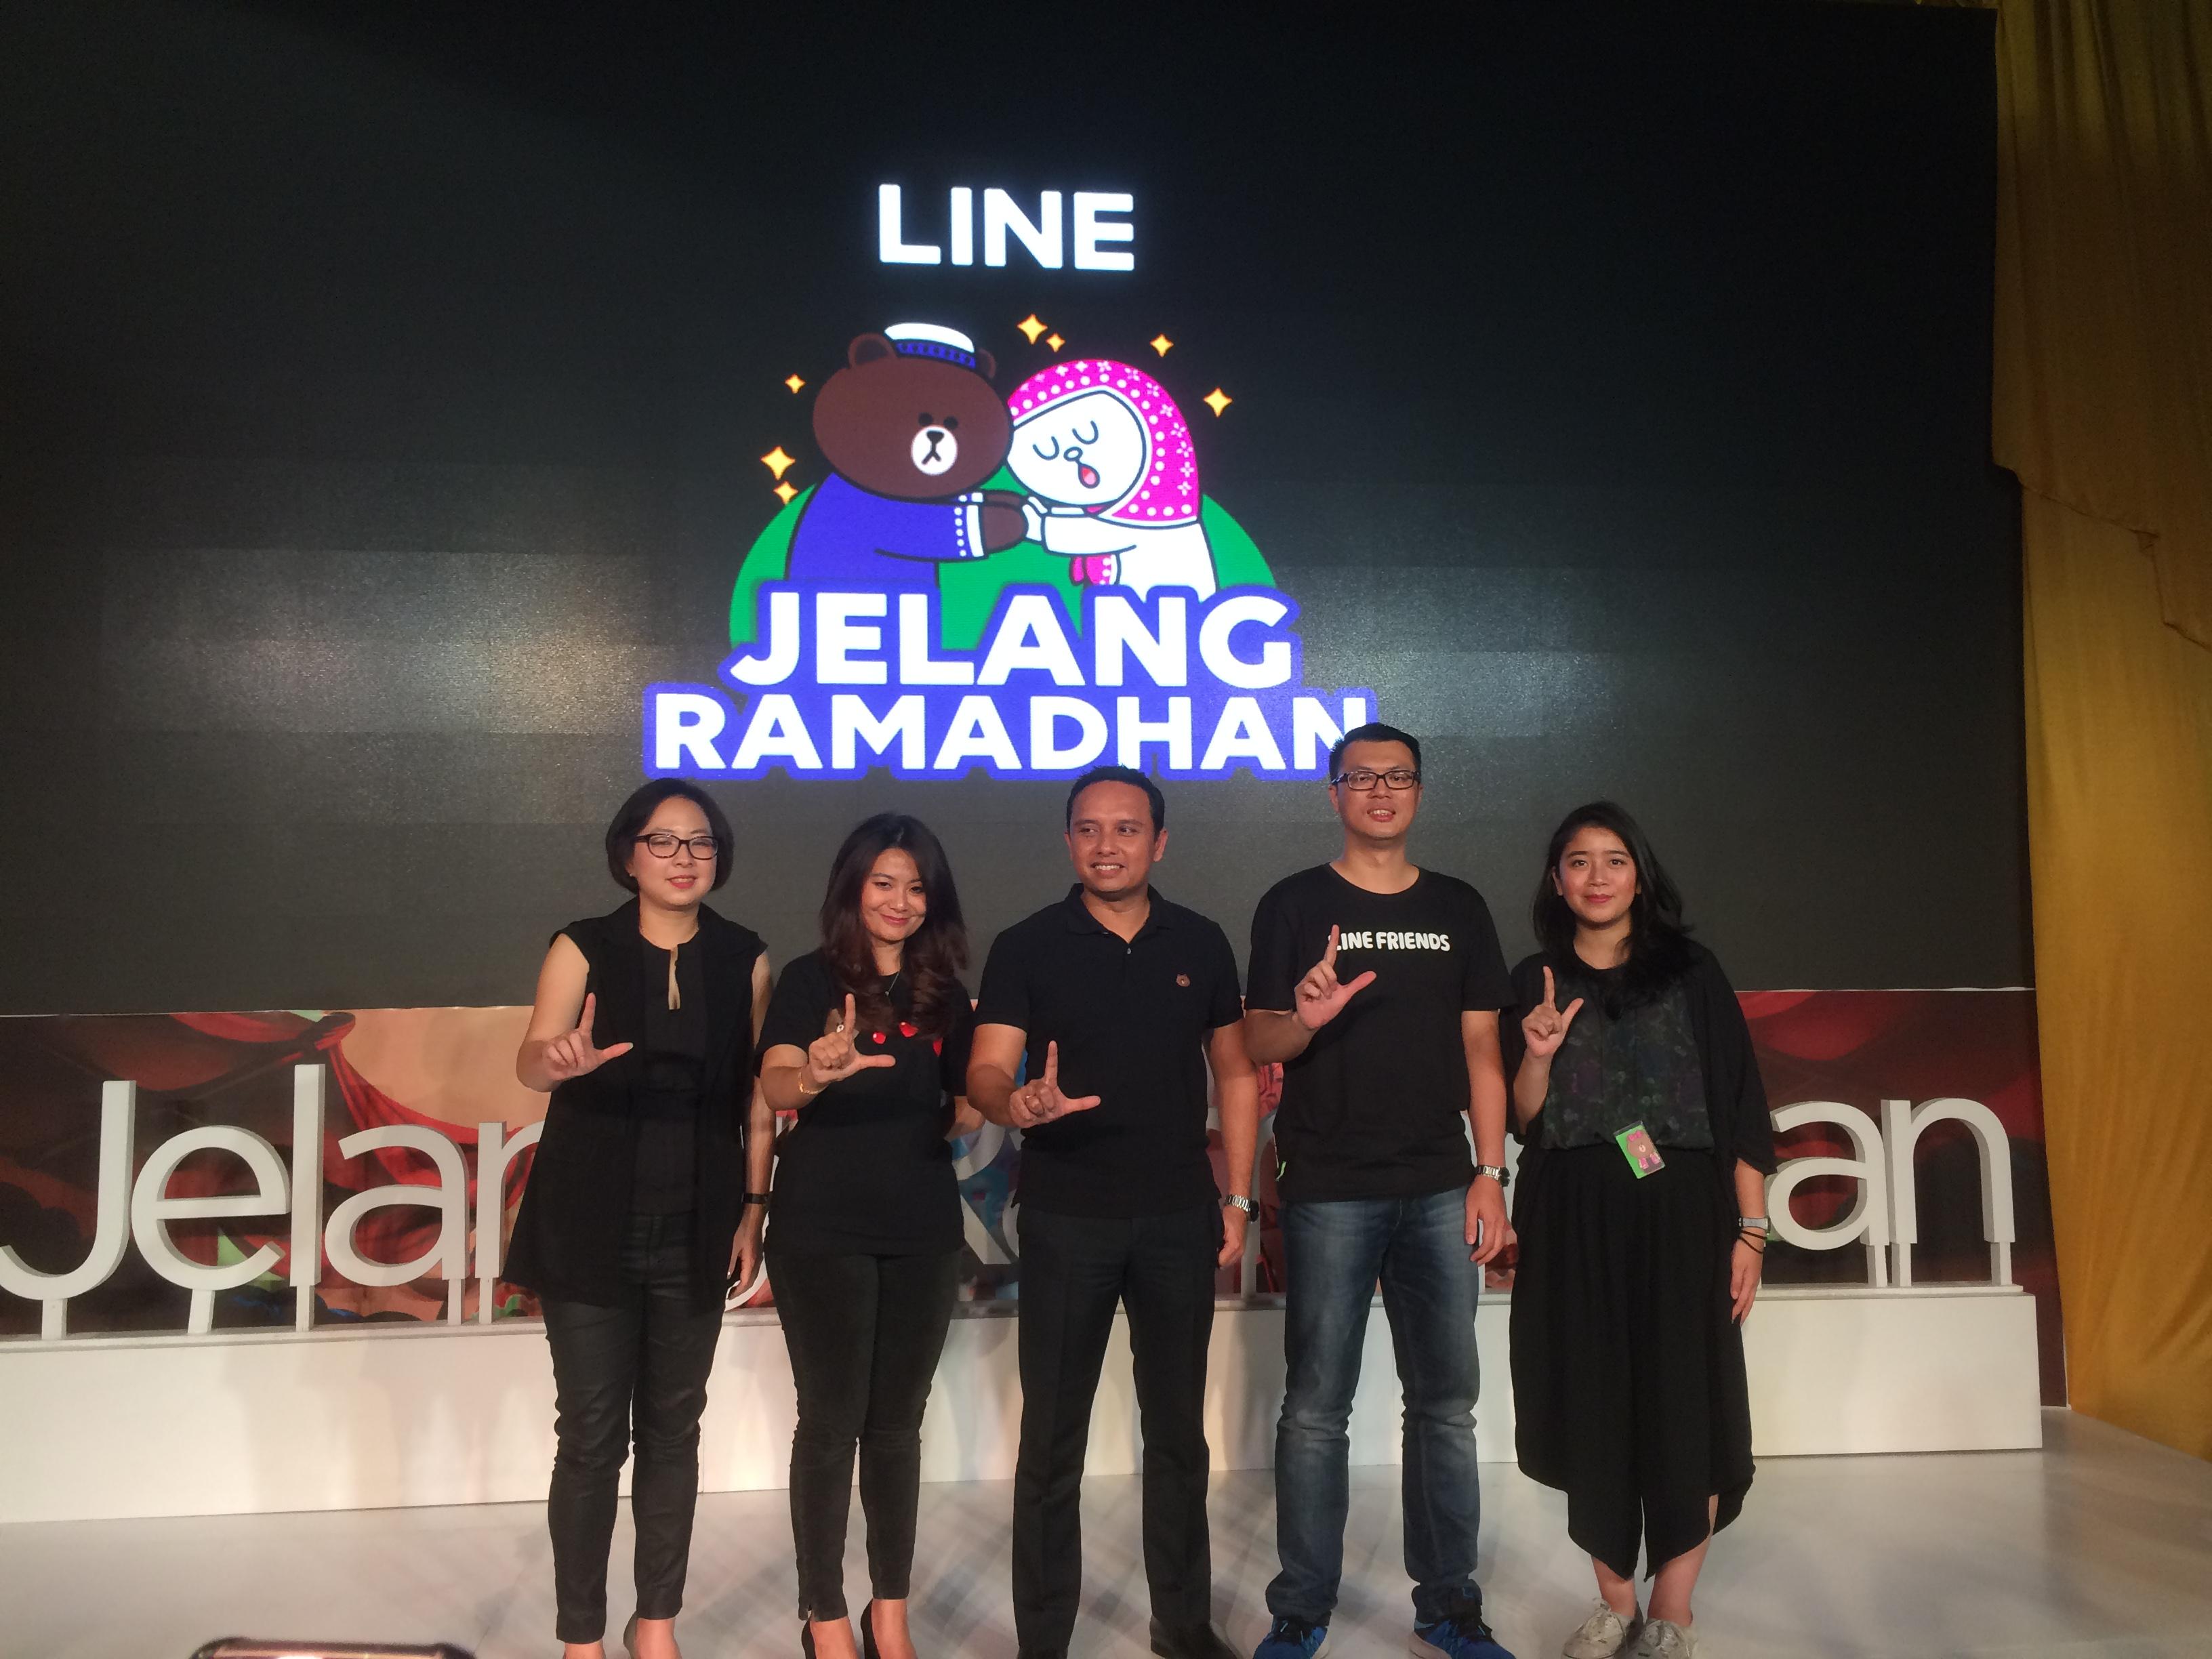 Sambut Ramadhan, LINE Indonesia hadirkan konten terbaru